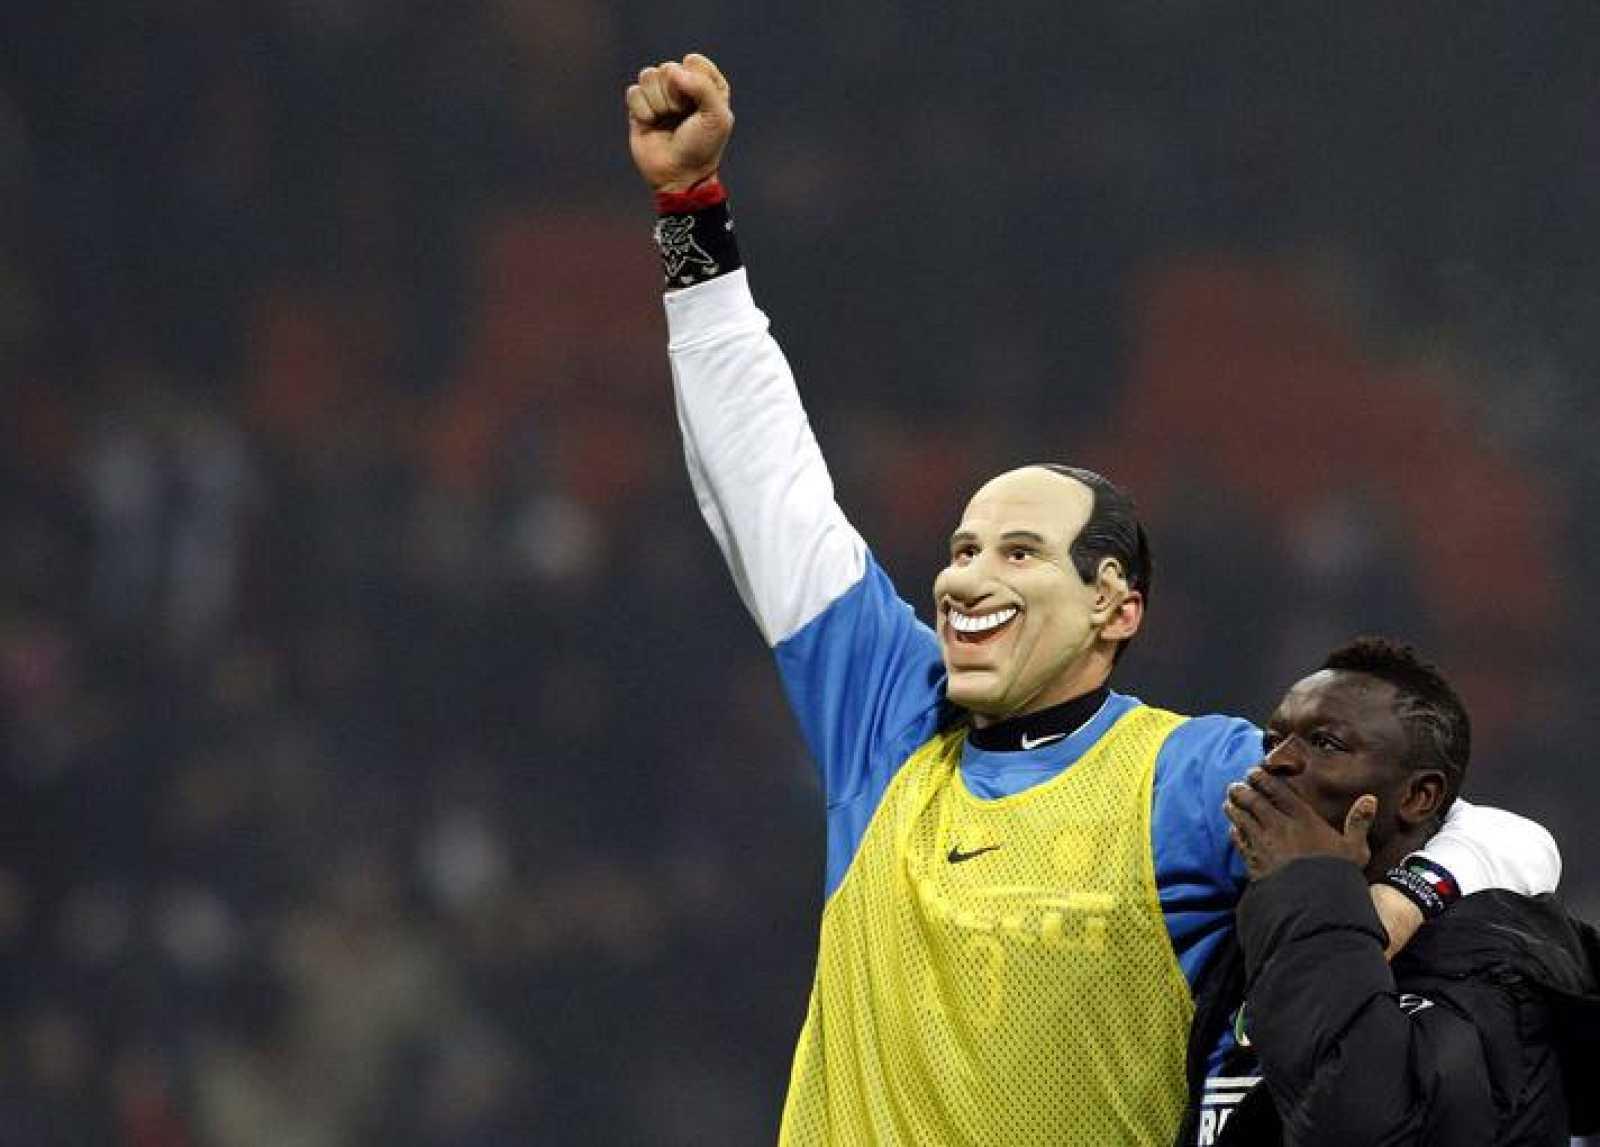 El jugador del Inter de Milan, Marco Materazzi, celebra la victoria ante el AC Milan con la careta de Berlusconi, el dueño del rival.